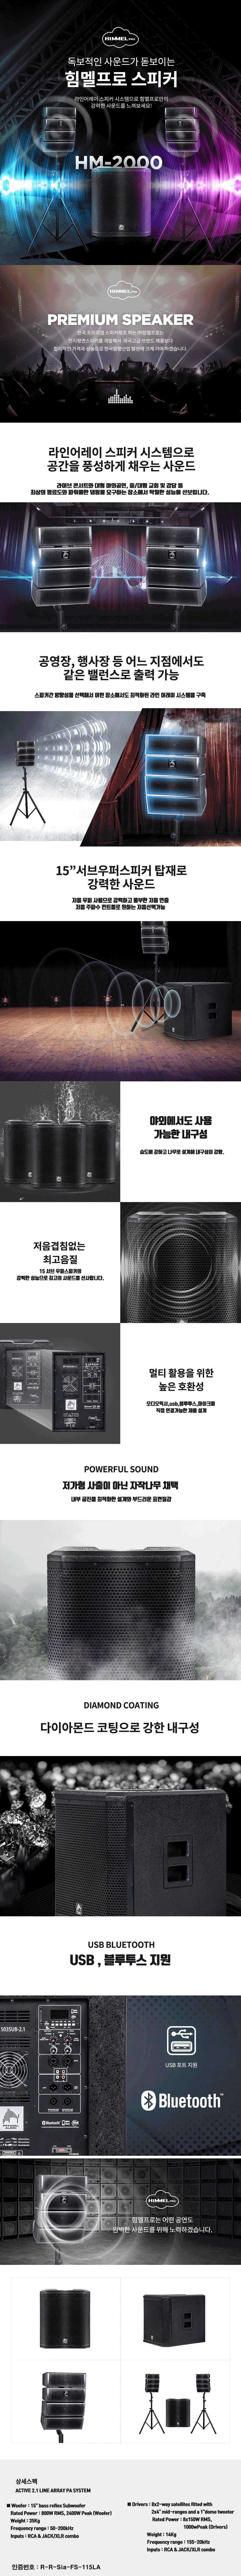 HM-2000-Sangse.png